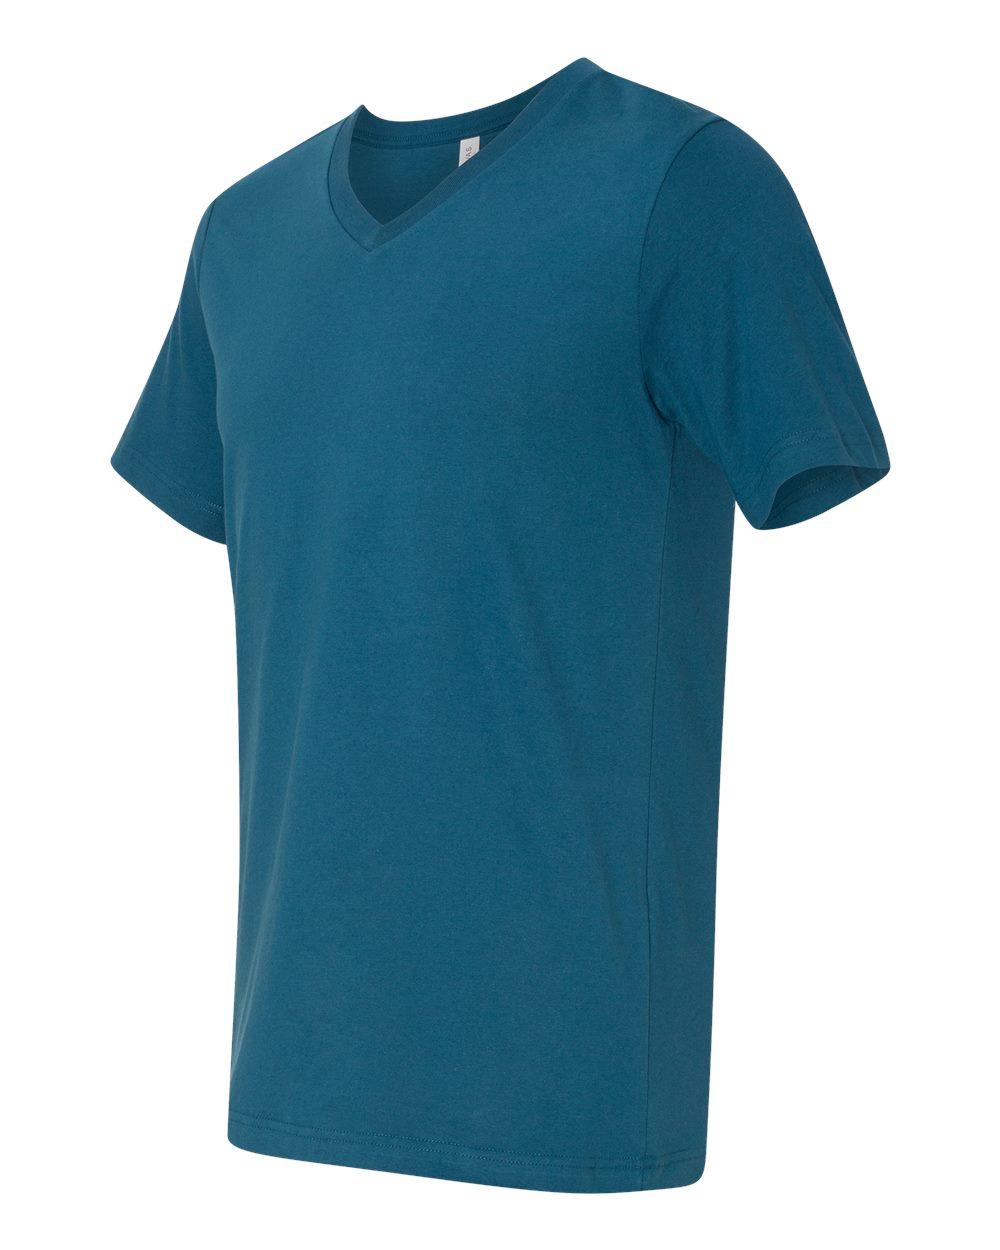 Bella-Canvas-Men-039-s-Jersey-Short-Sleeve-V-Neck-T-Shirt-3005-XS-3XL thumbnail 67